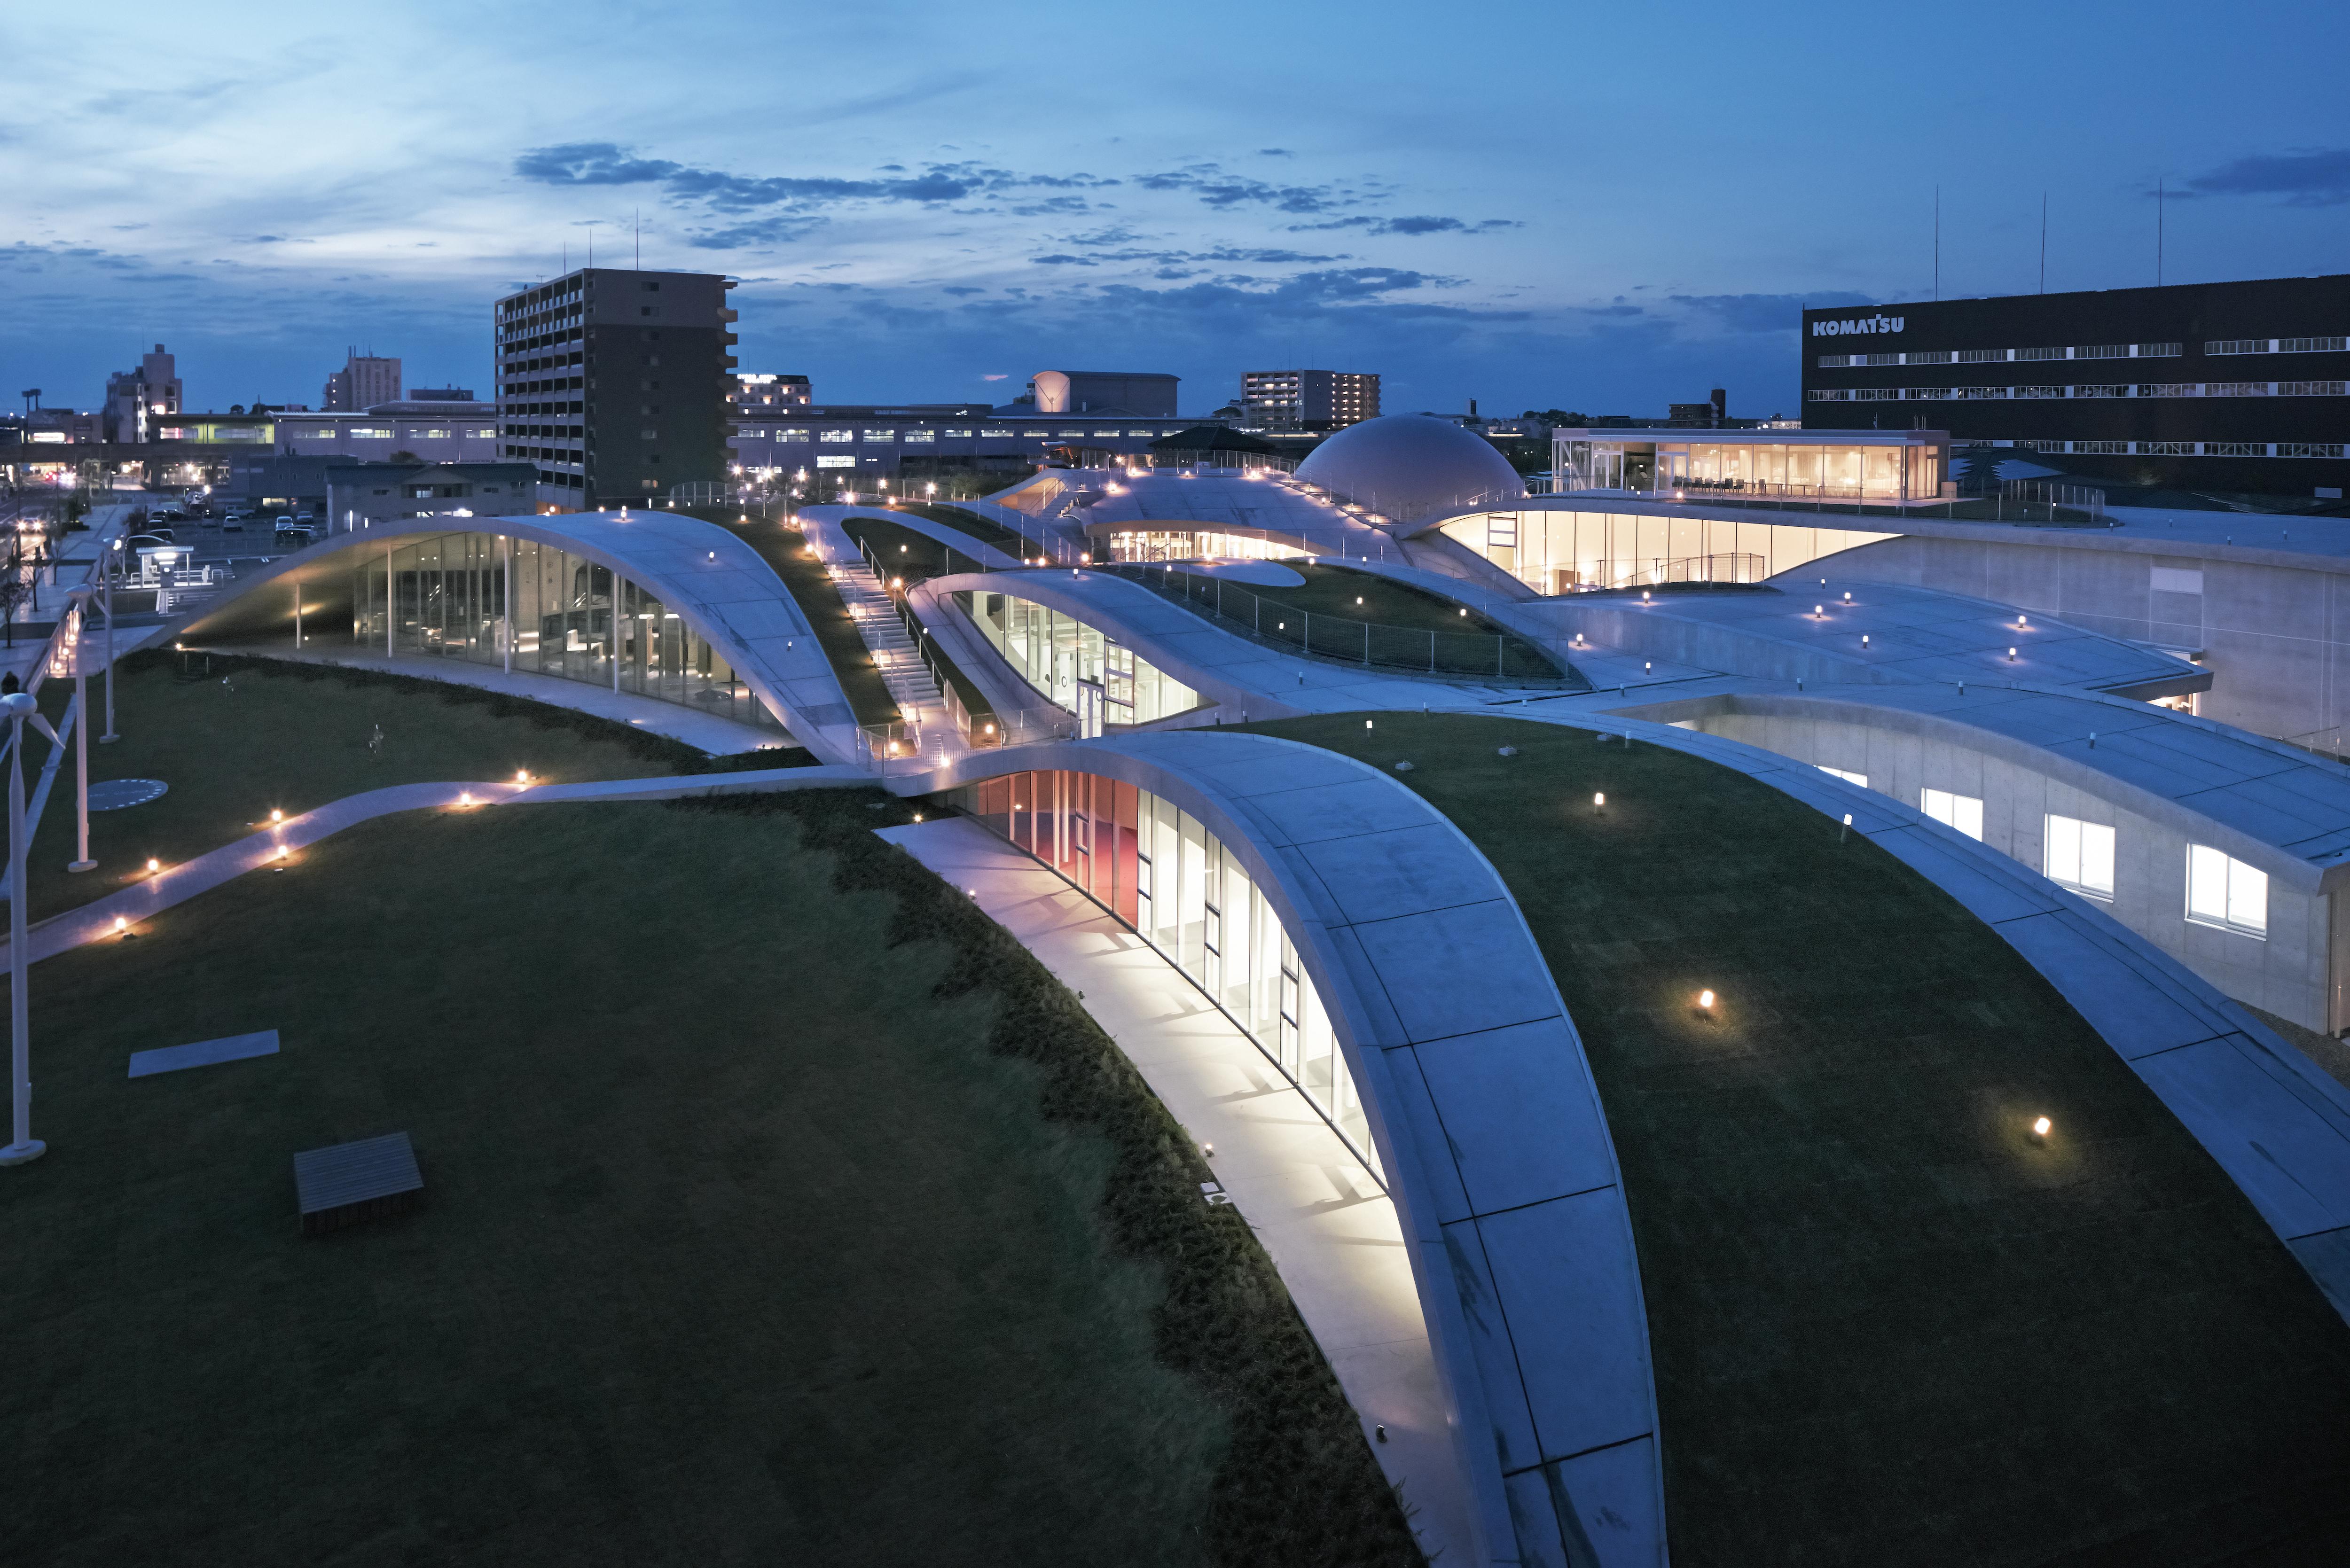 〔안정원의 건축 칼럼〕 경관과 통합하는 풍경화된 건축의 역동적이면서 실험적인 디자인 2